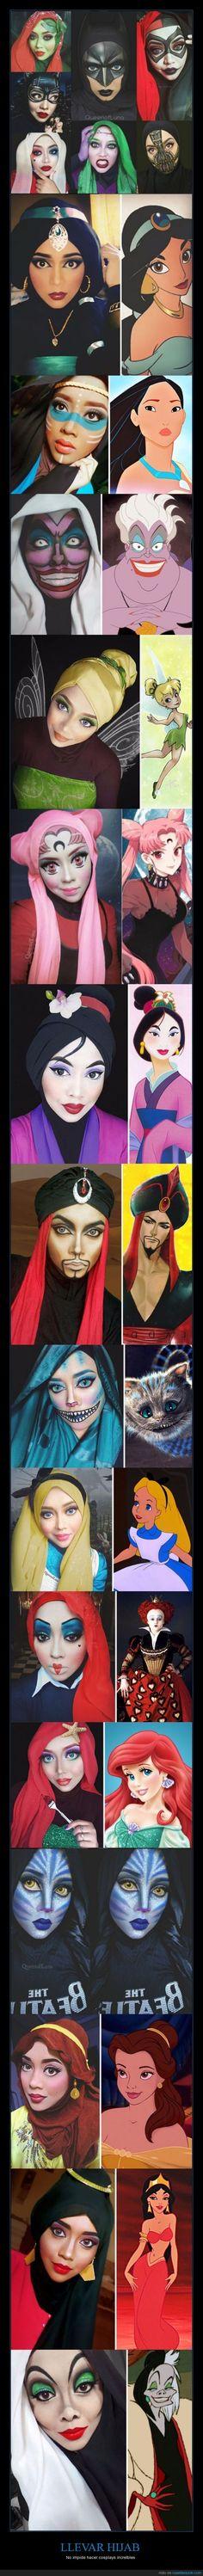 Galería: Incluso con un hijab se monta unos cosplays que te quedas alucinando - No impide hacer cosplays increíbles